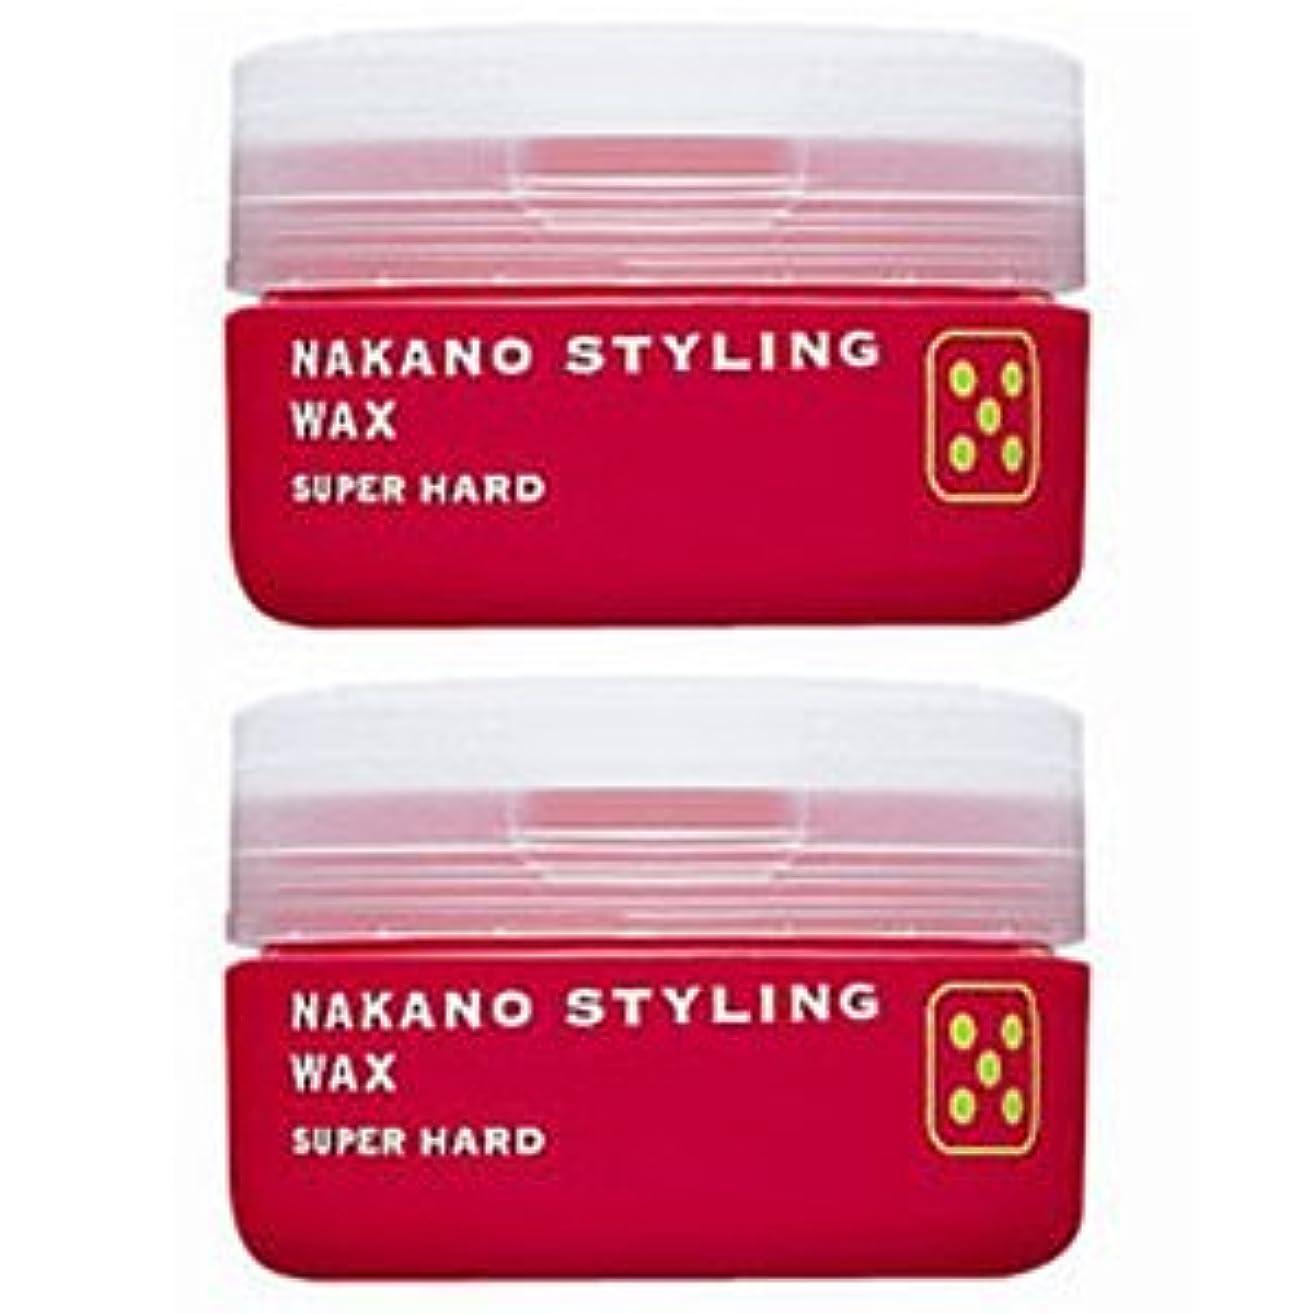 【X2個セット】 ナカノ スタイリング ワックス 5 スーパーハード 90g ?ナカノスタイリングワックス2002? 【スタイリング STYLING NAKANO 中野製薬株式会社 NAKANO】